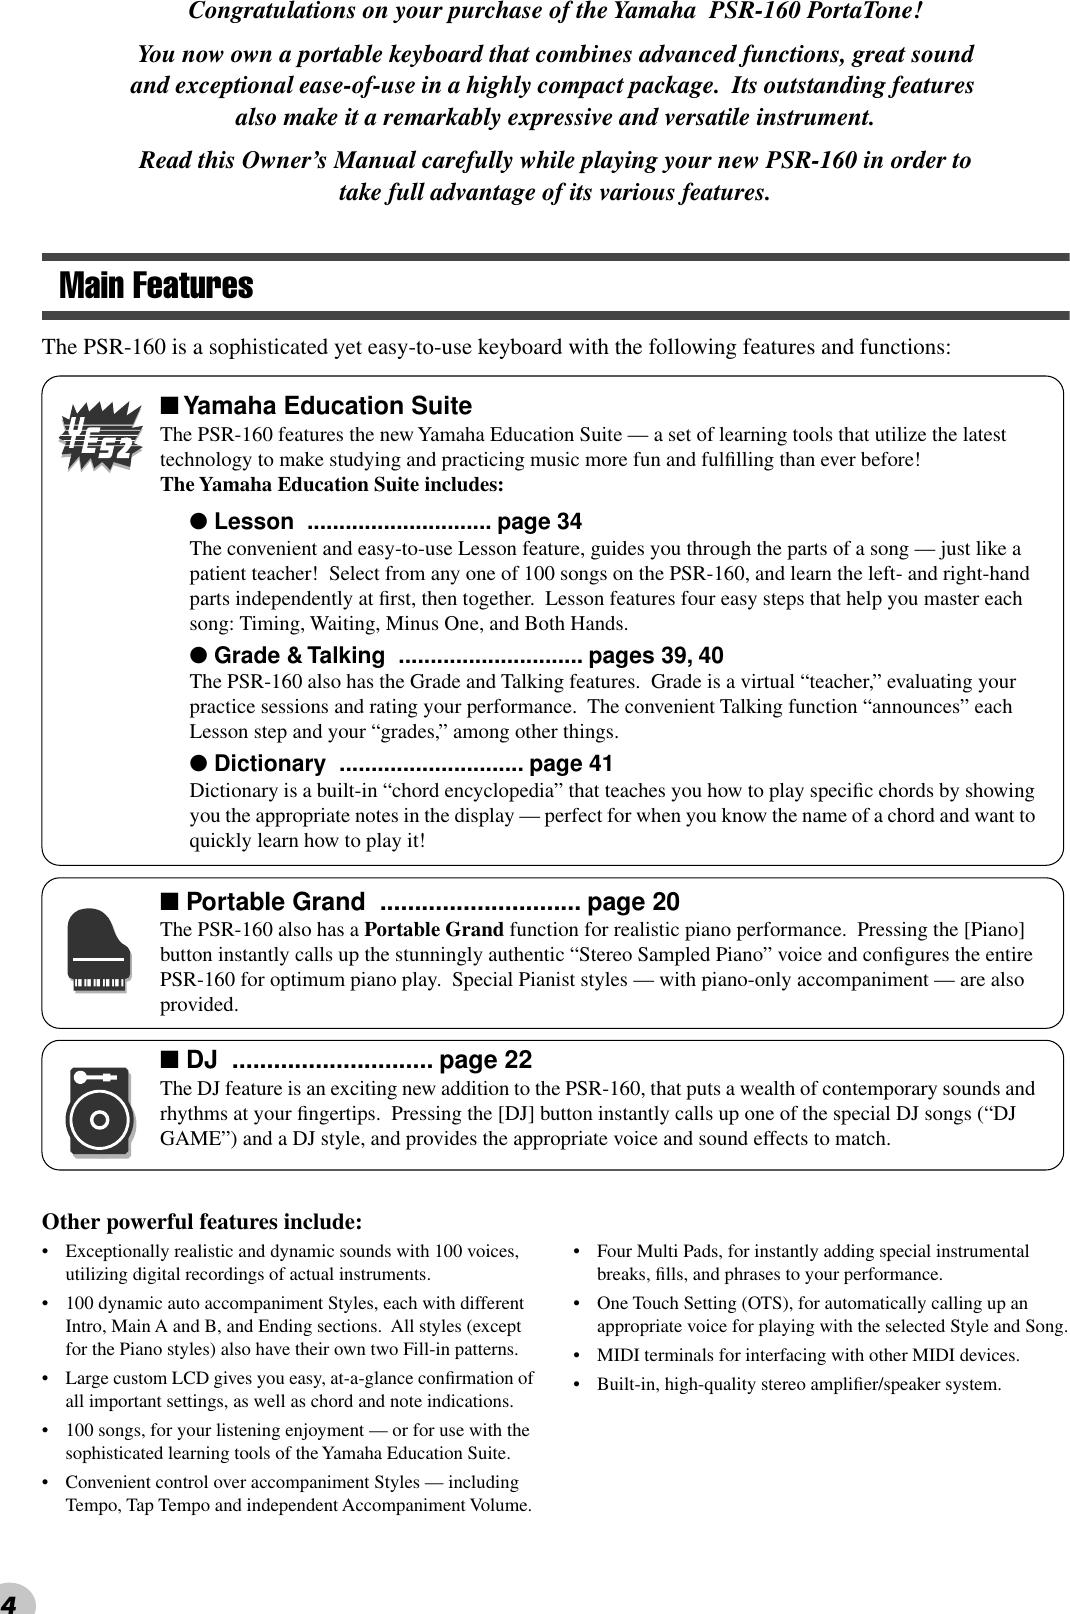 Yamaha PSR160 Owner's Manual